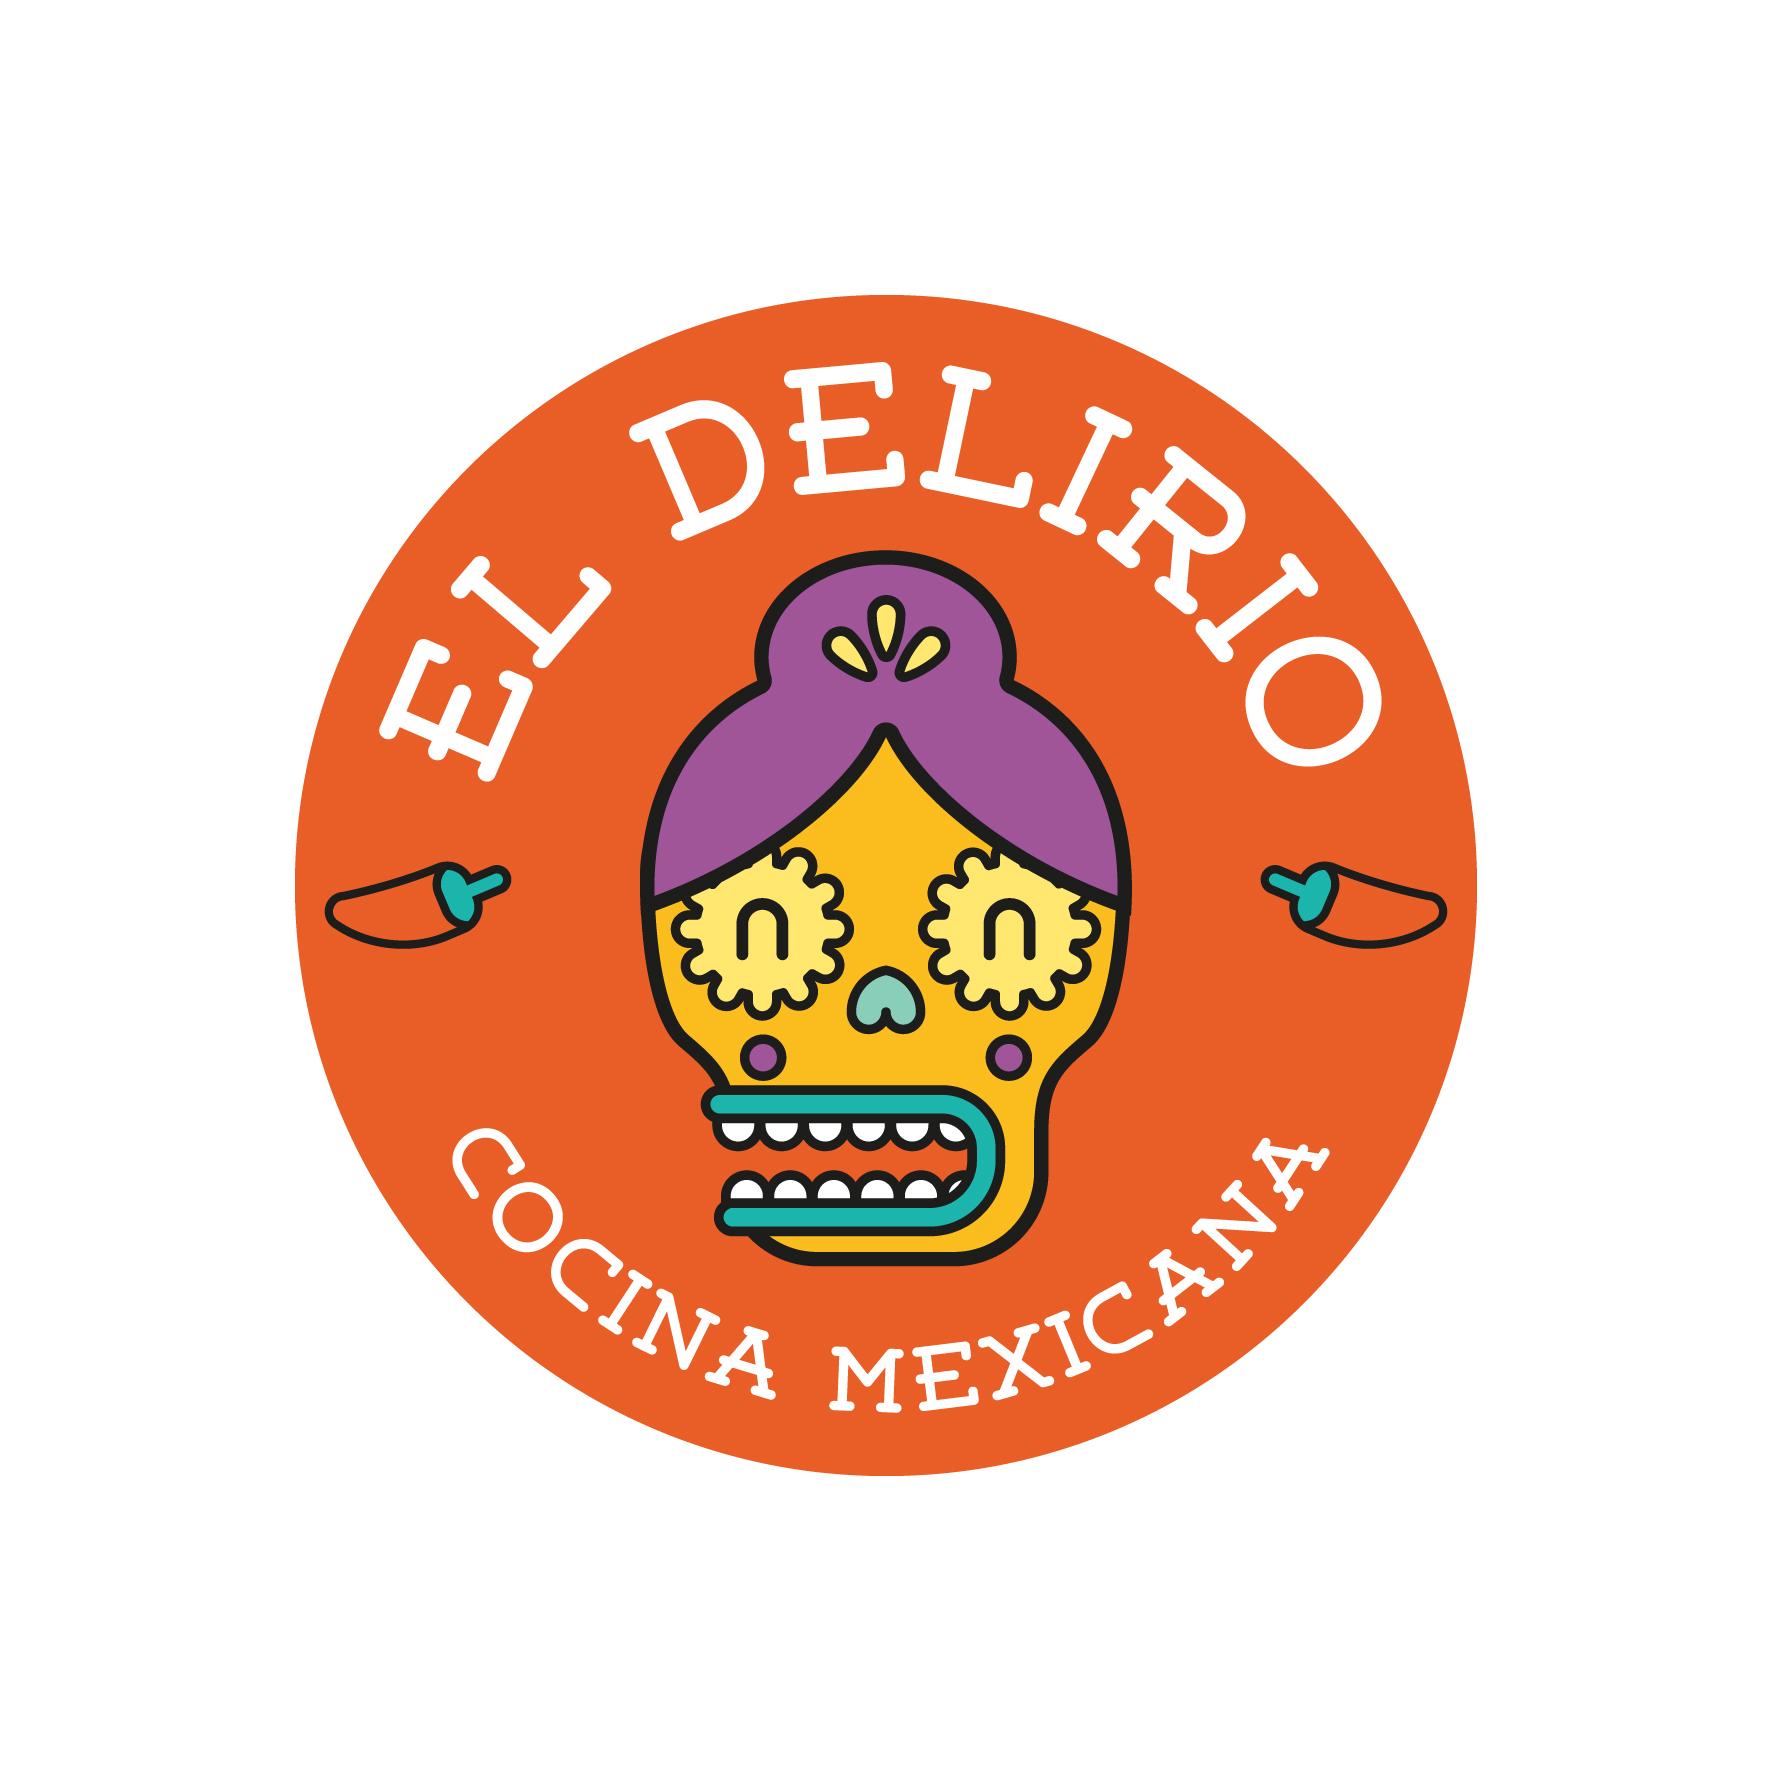 El Delirio Restaurantes Mexicanos La Guía Go La Guía Go